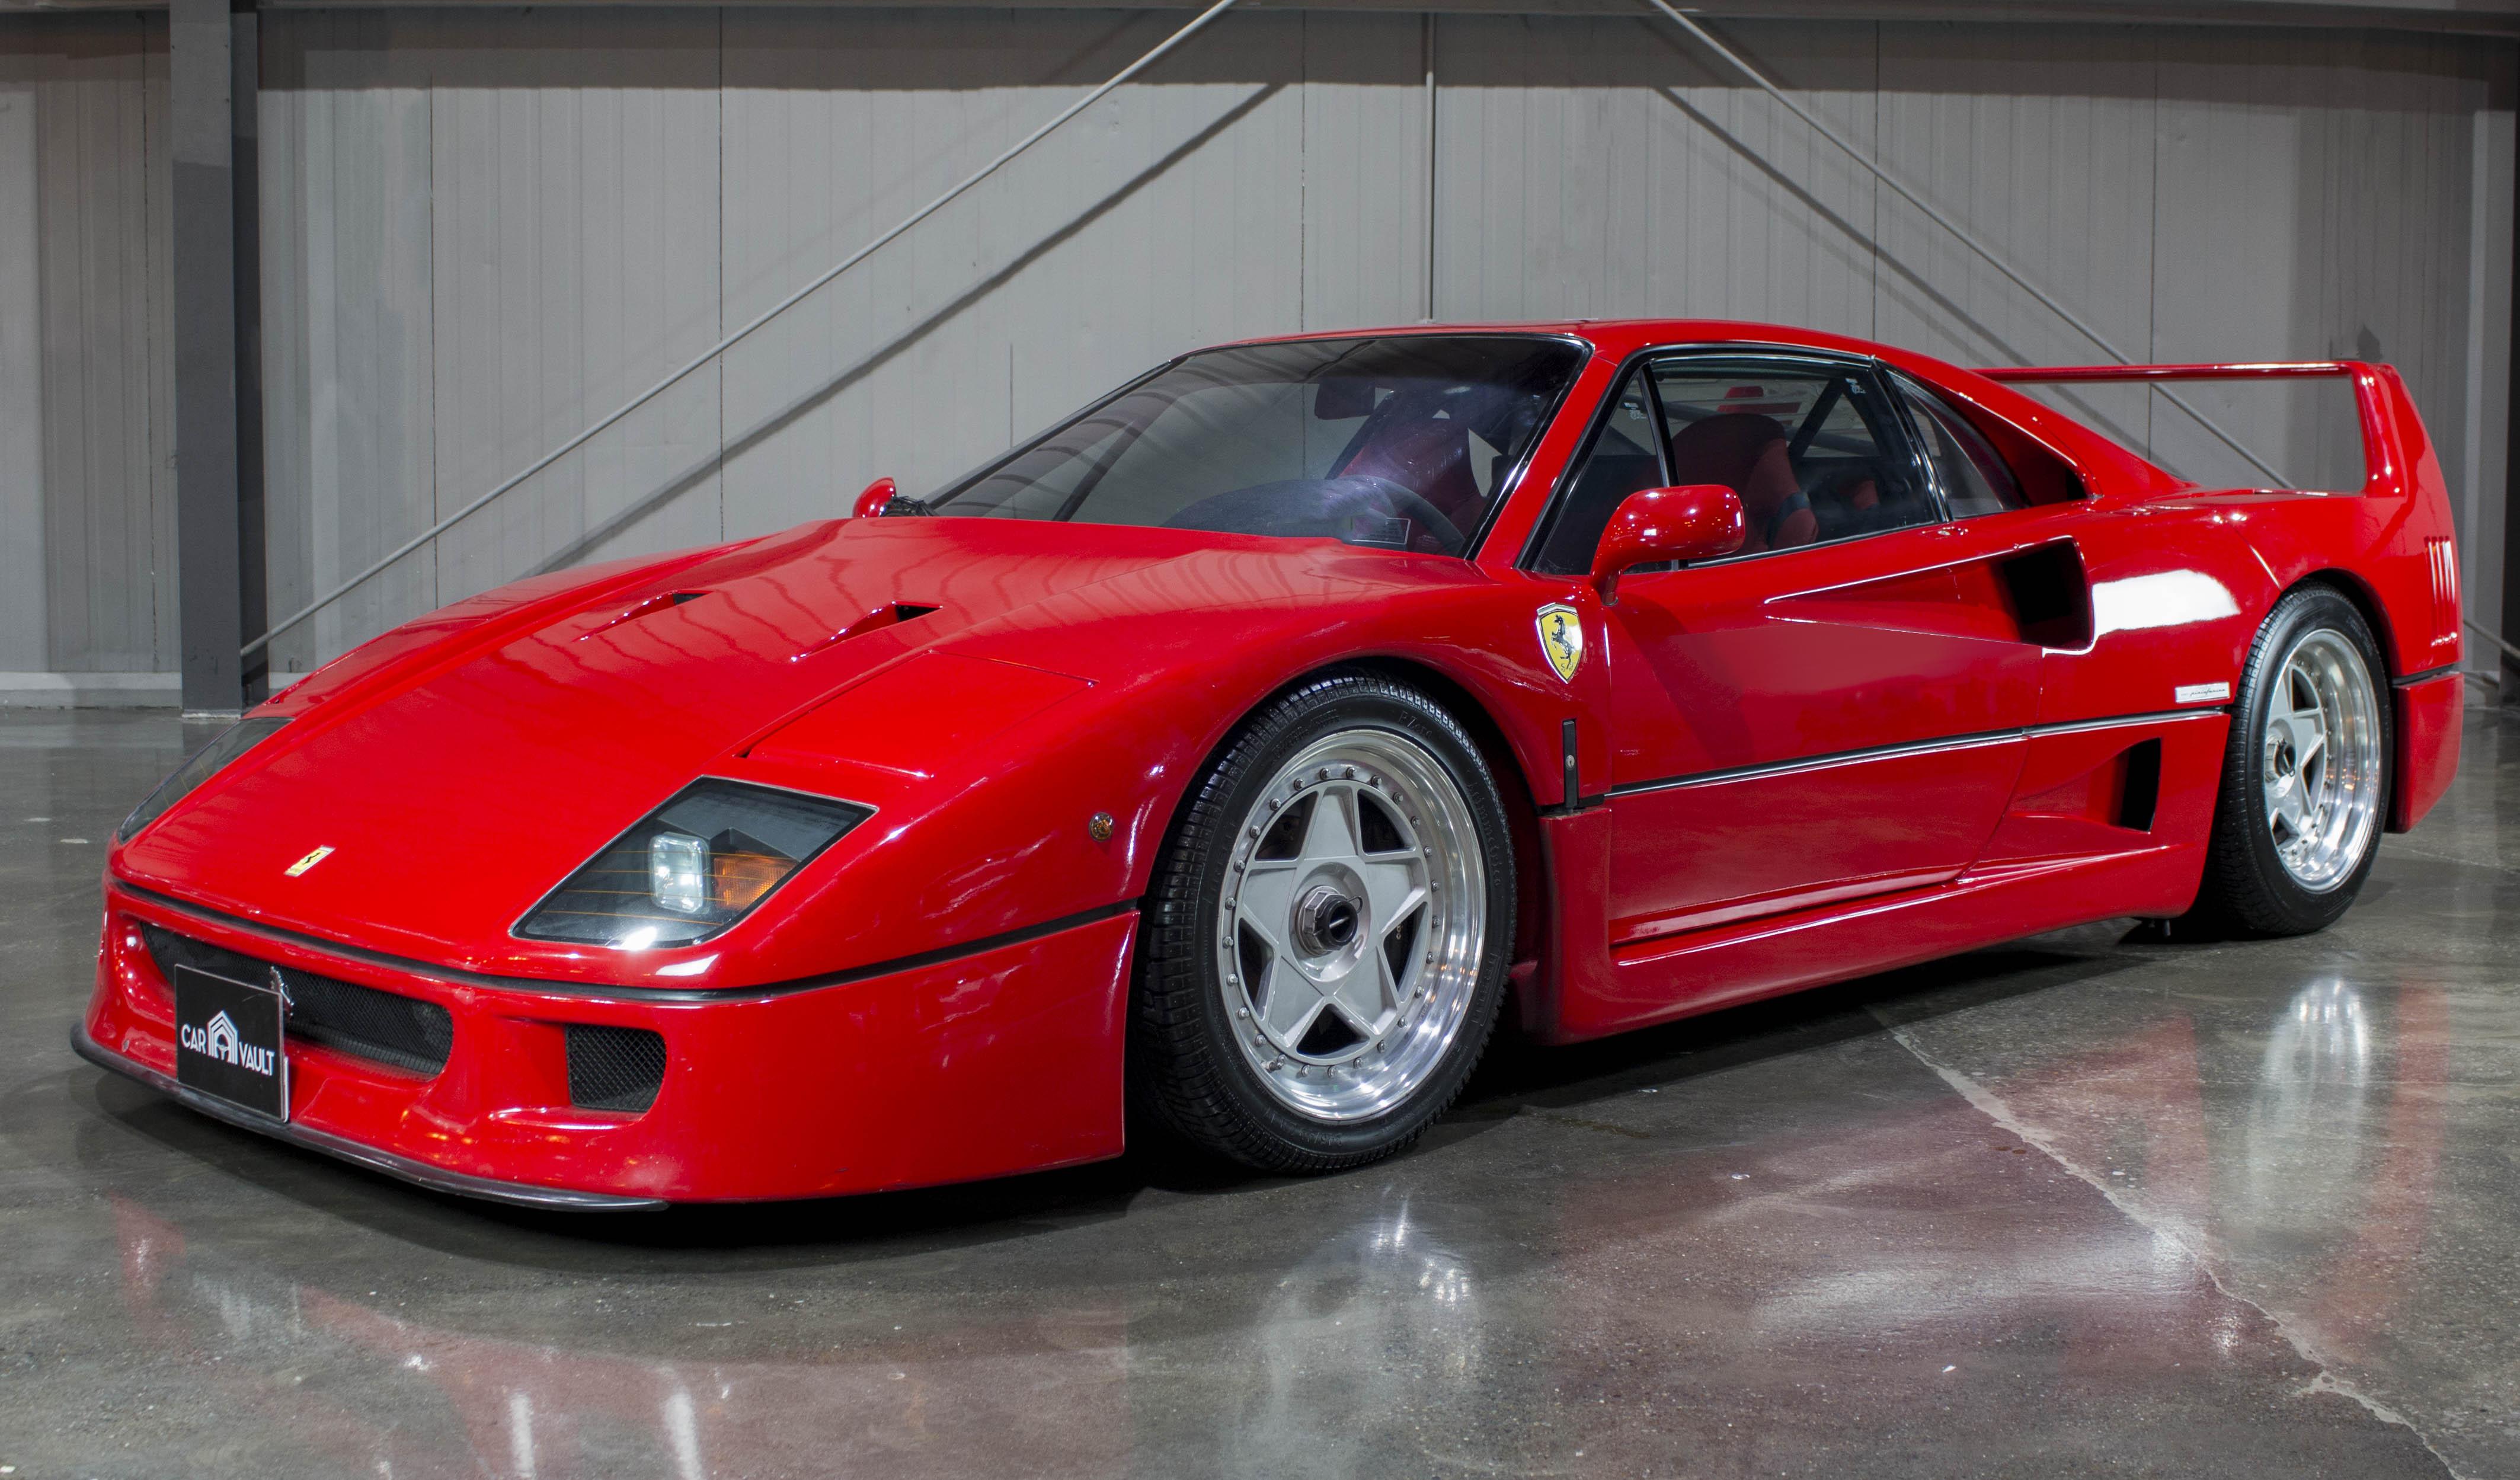 1991 Ferrari F40 For Sale In Dubai Supercar Report